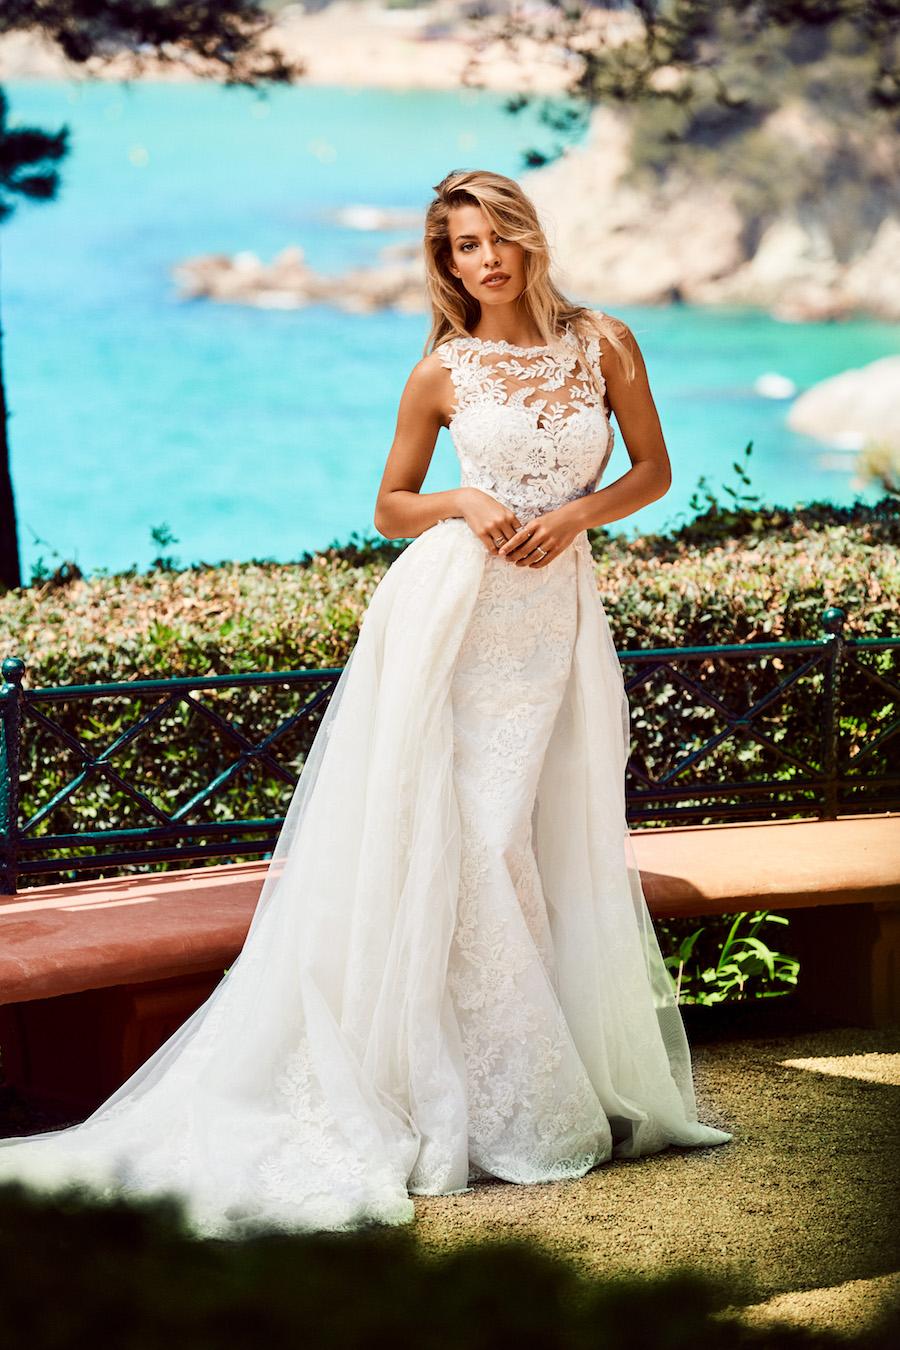 8e60d171f2cf Doppio look per il modello Zemora  un abito da sposa a sirena con una  schiena trasparente impreziosita da inseriti in tulle